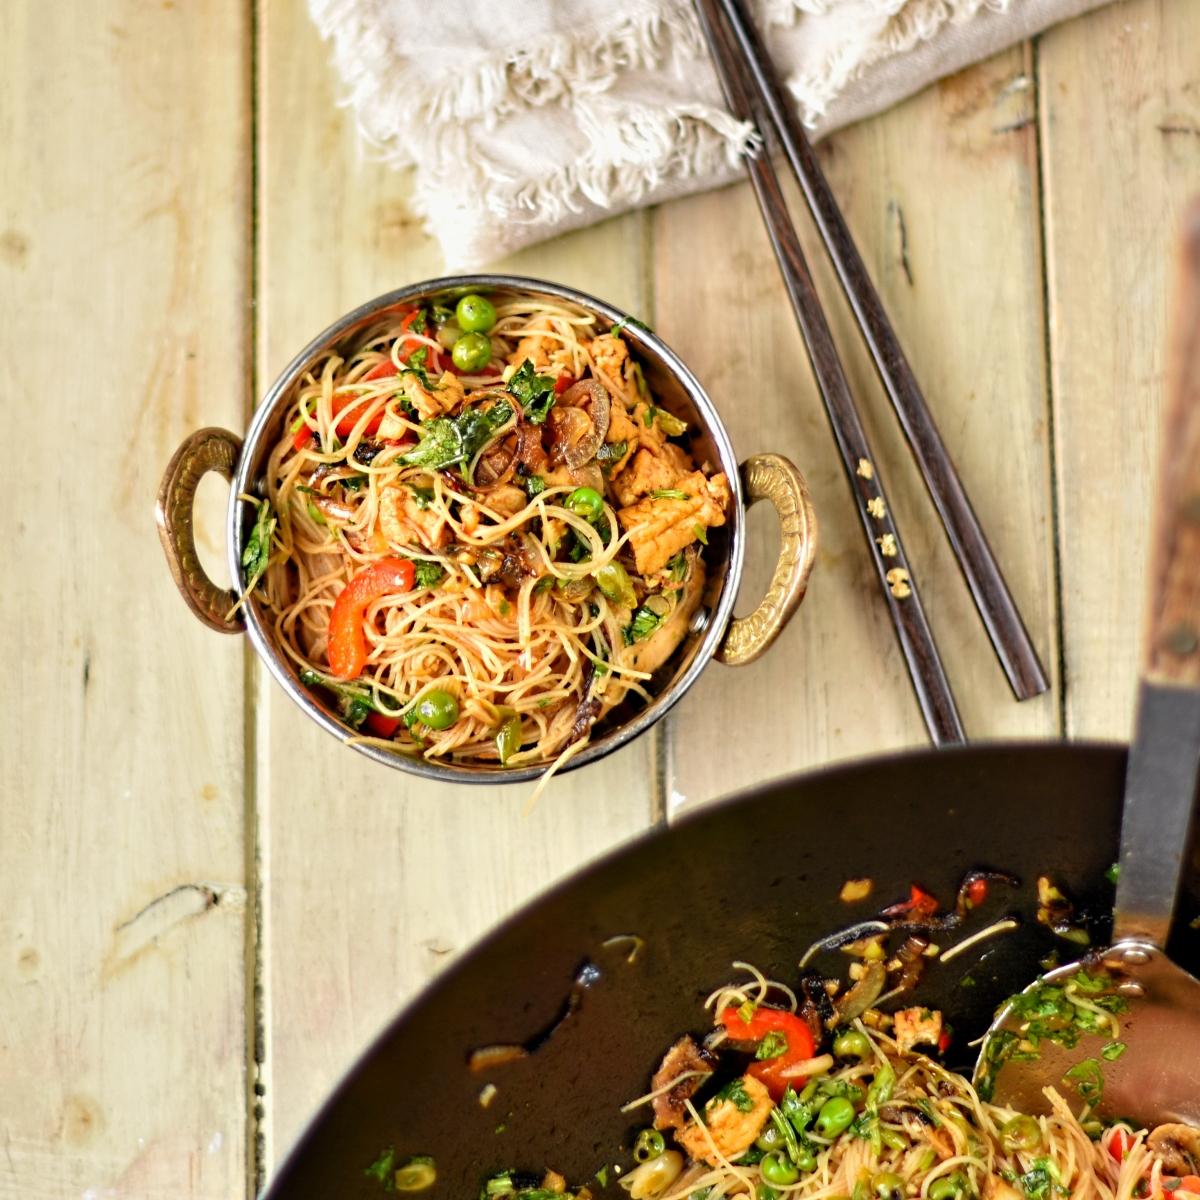 vegan Singapore-style noodles